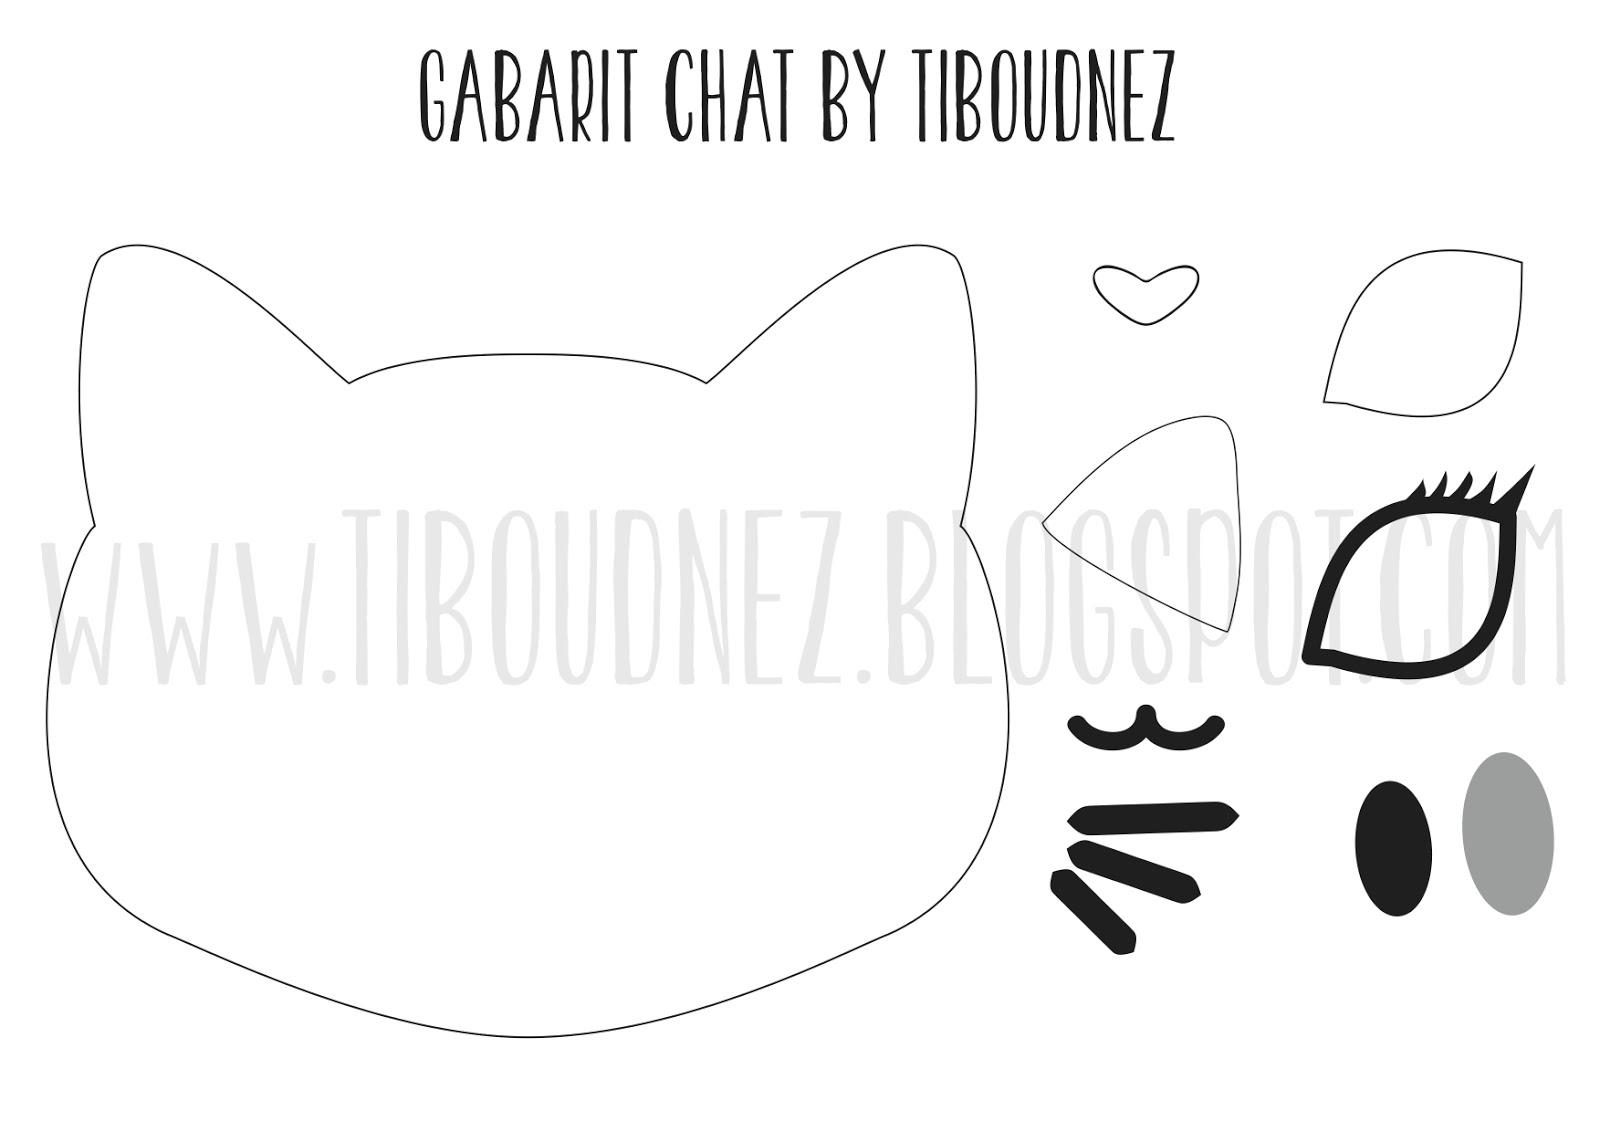 Diy un sac kawaii petite t te de chat tiboudnez - Image de chat a imprimer ...